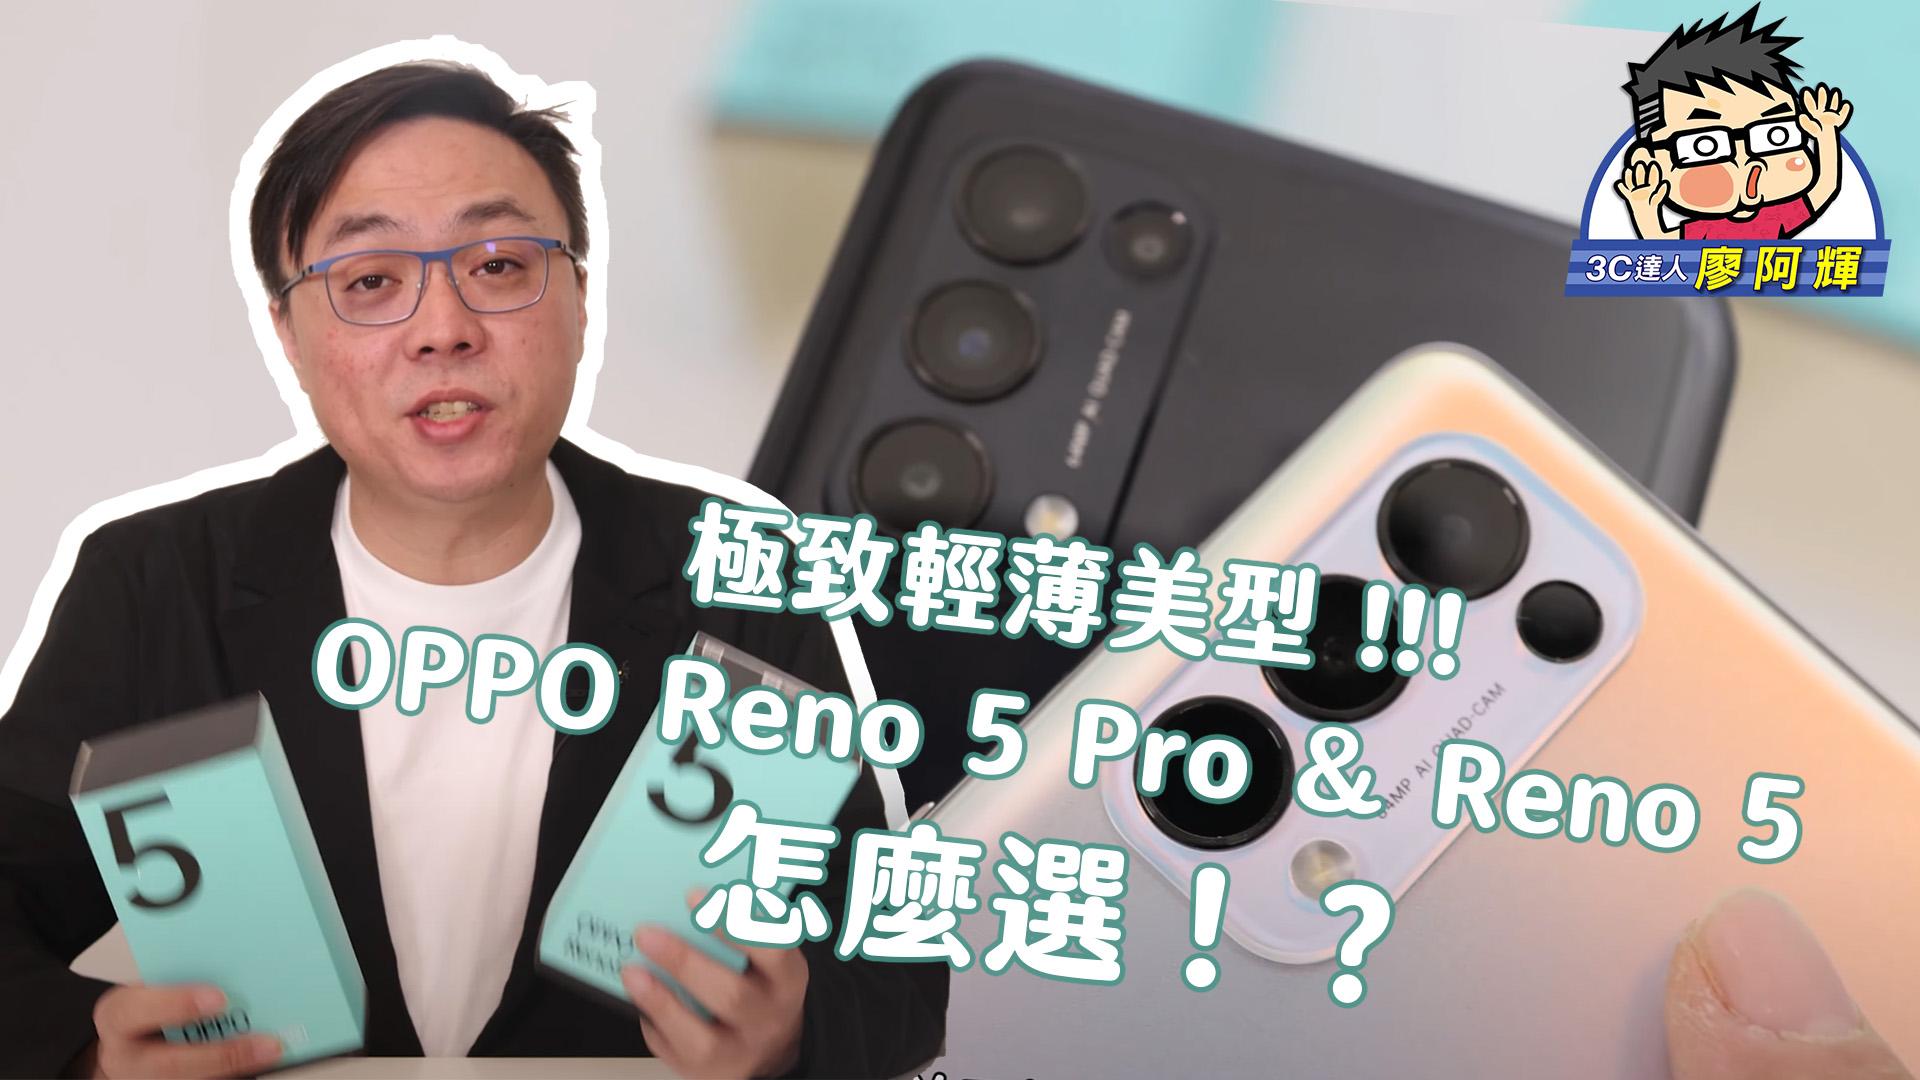 極致輕薄美型 OPPO Reno 5 Pro / Reno 5 怎麼選? @3C 達人廖阿輝